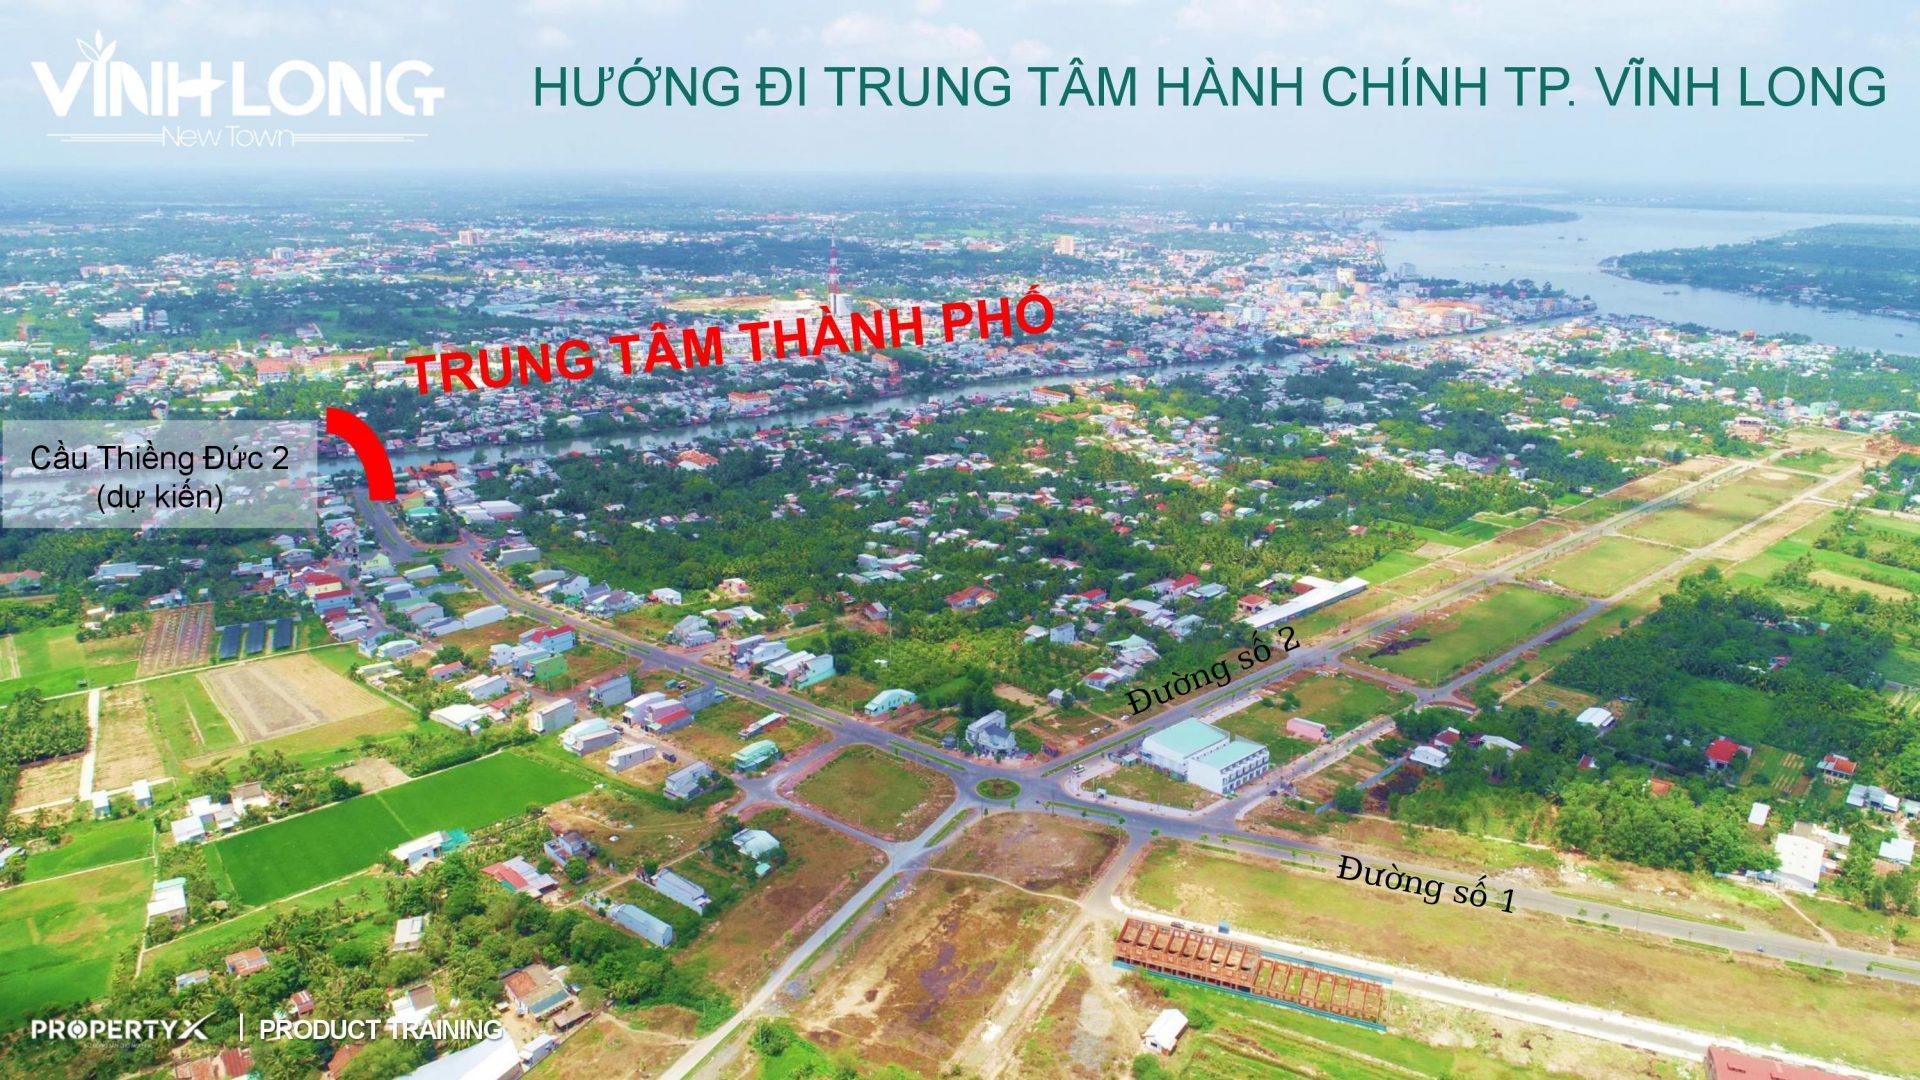 Dự án đất nền Vĩnh Long New Town Hưng Thịnh - Giá tốt giai đoạn 1